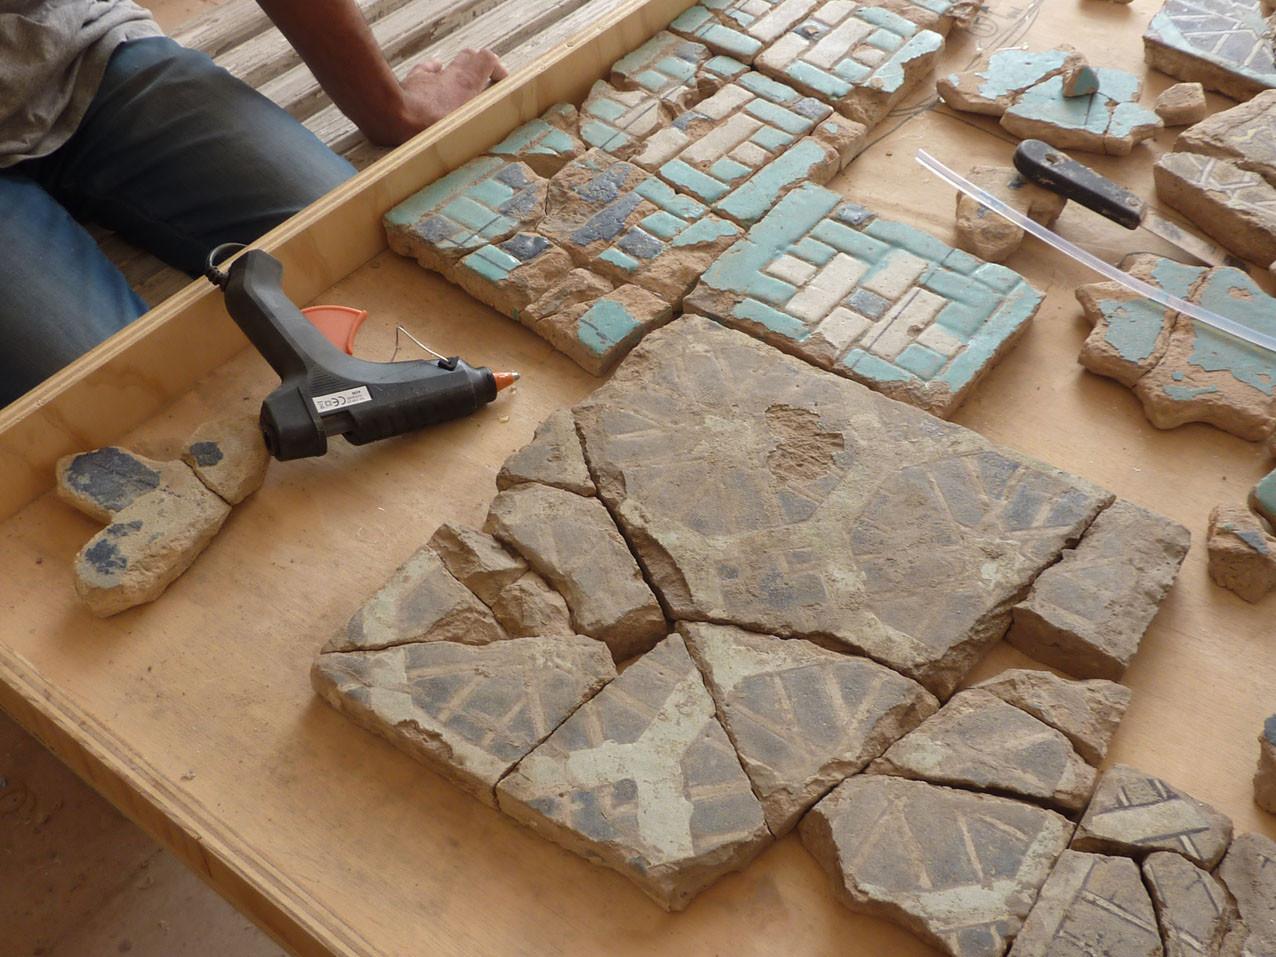 Grand carreau collé dont une partie des fragments manque (Socra, 2012)